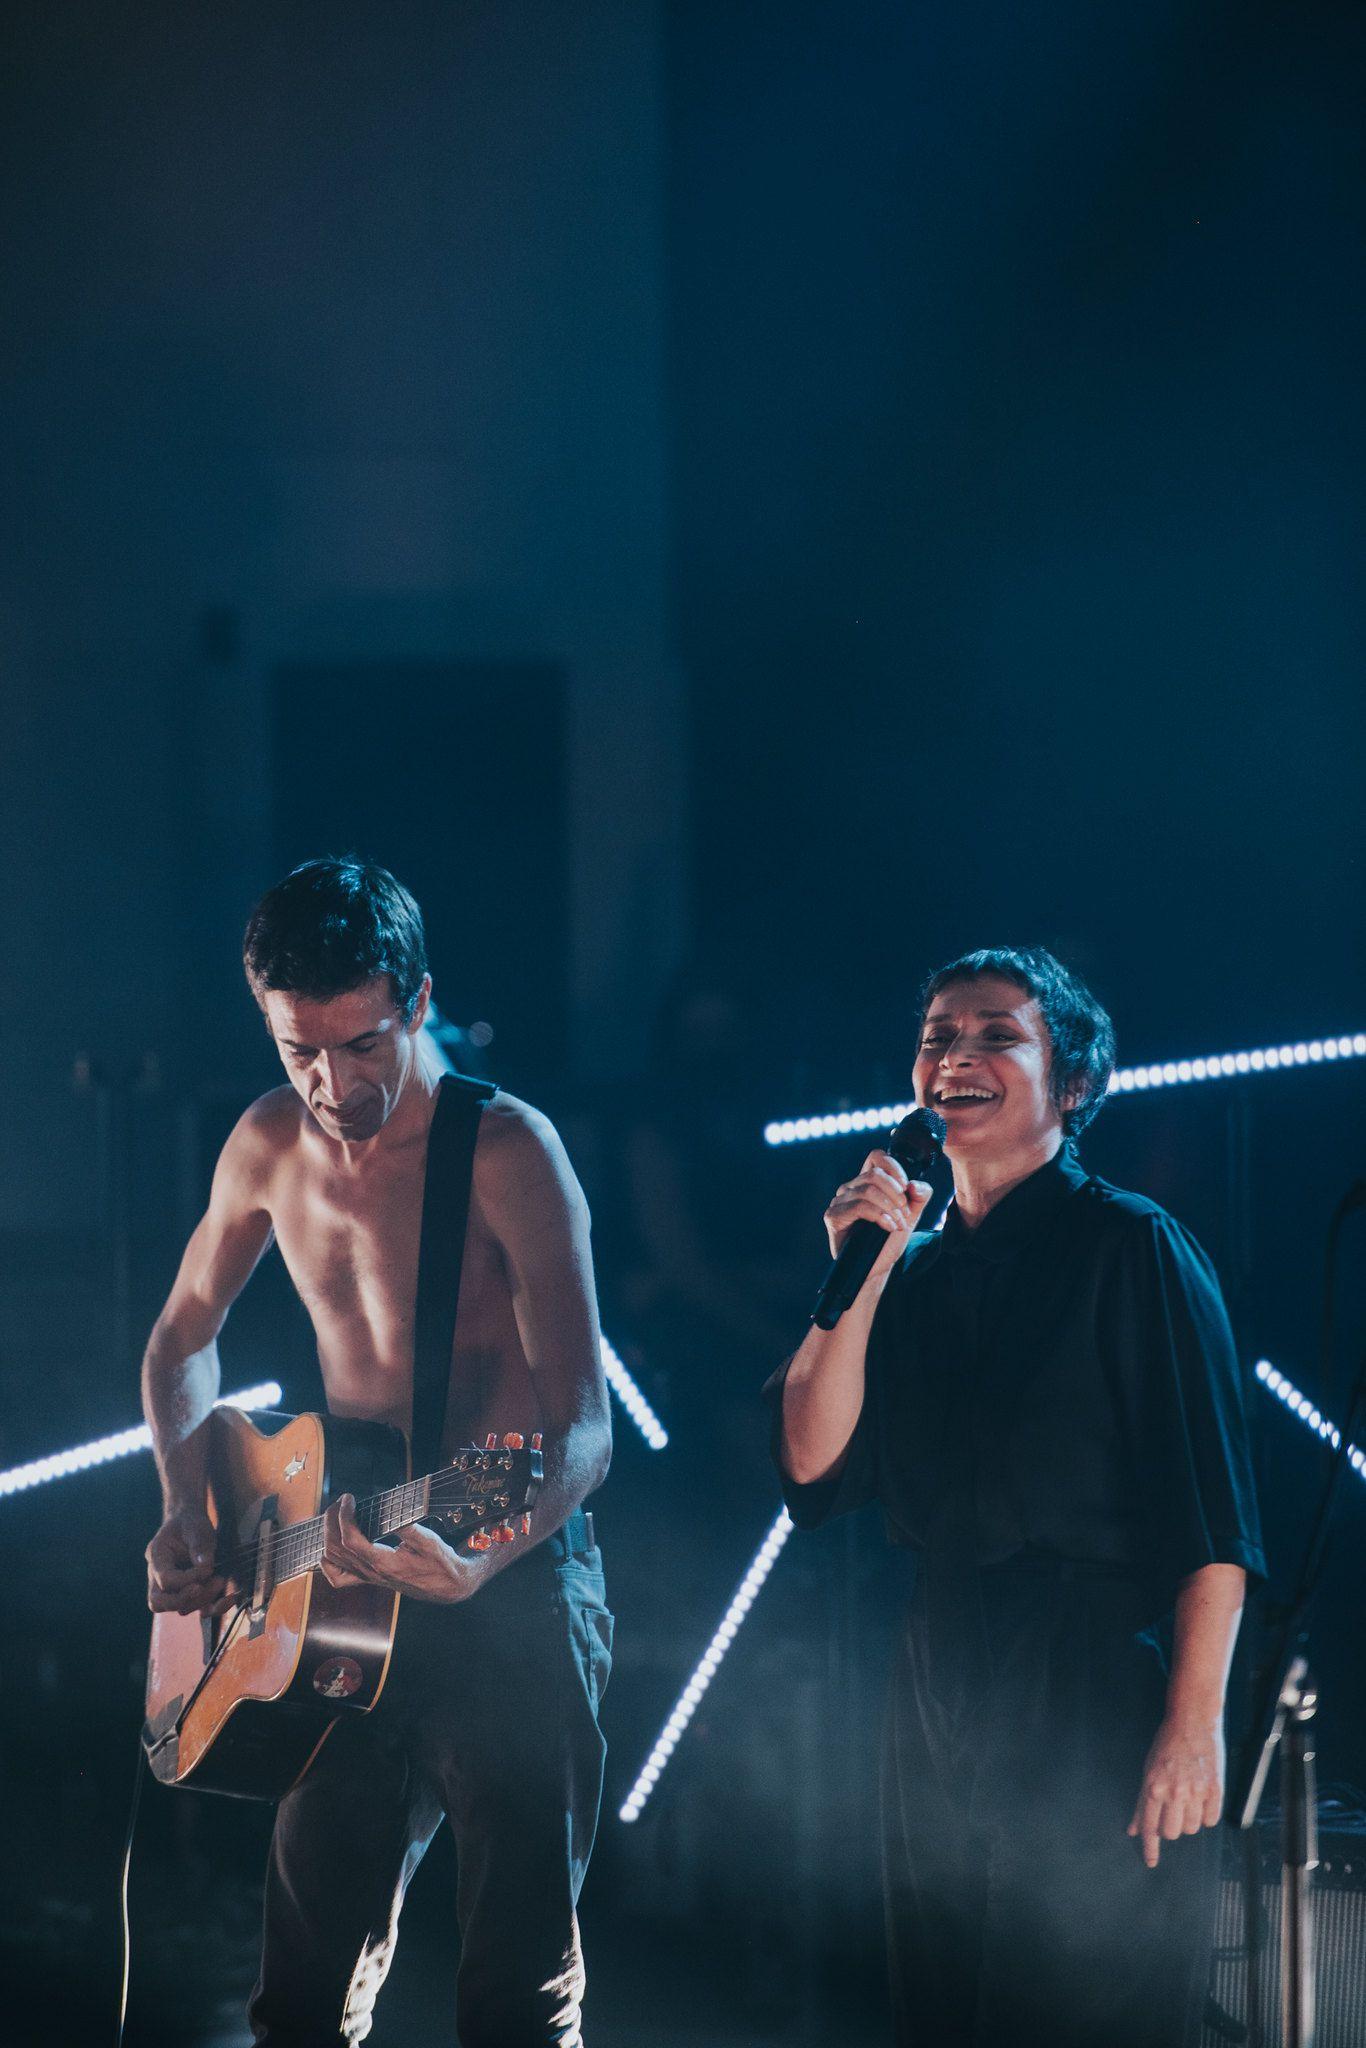 Clã e Manel Cruz são os primeiros músicos convidados da nova temporada do Eléctrico